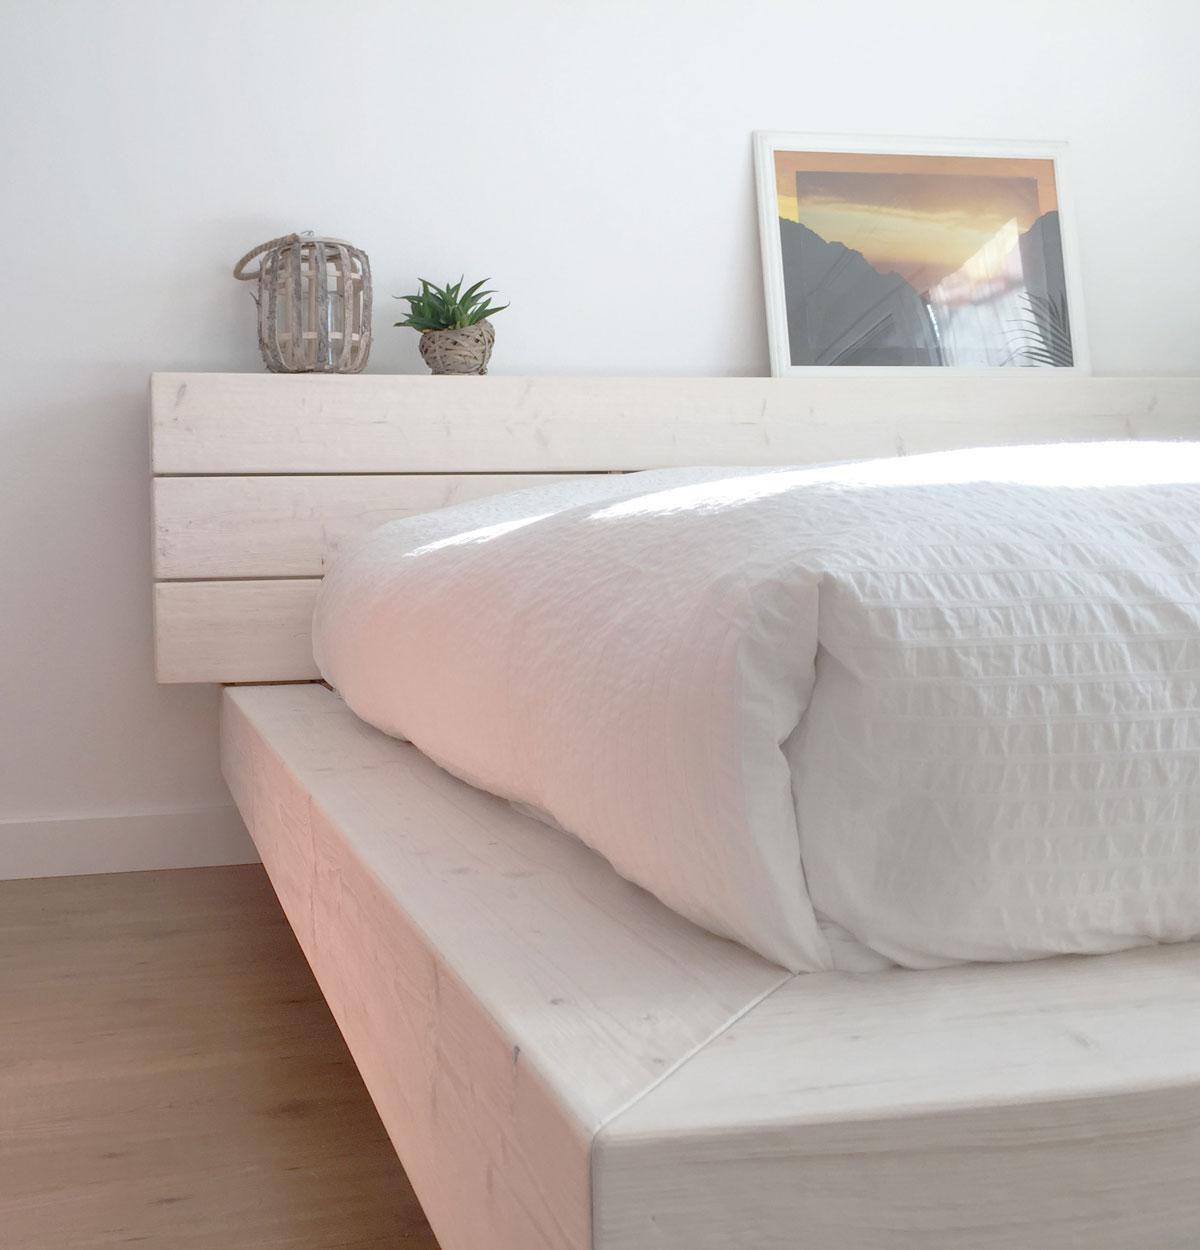 Foto uitsnede van een bedzijde en hoofdeind.